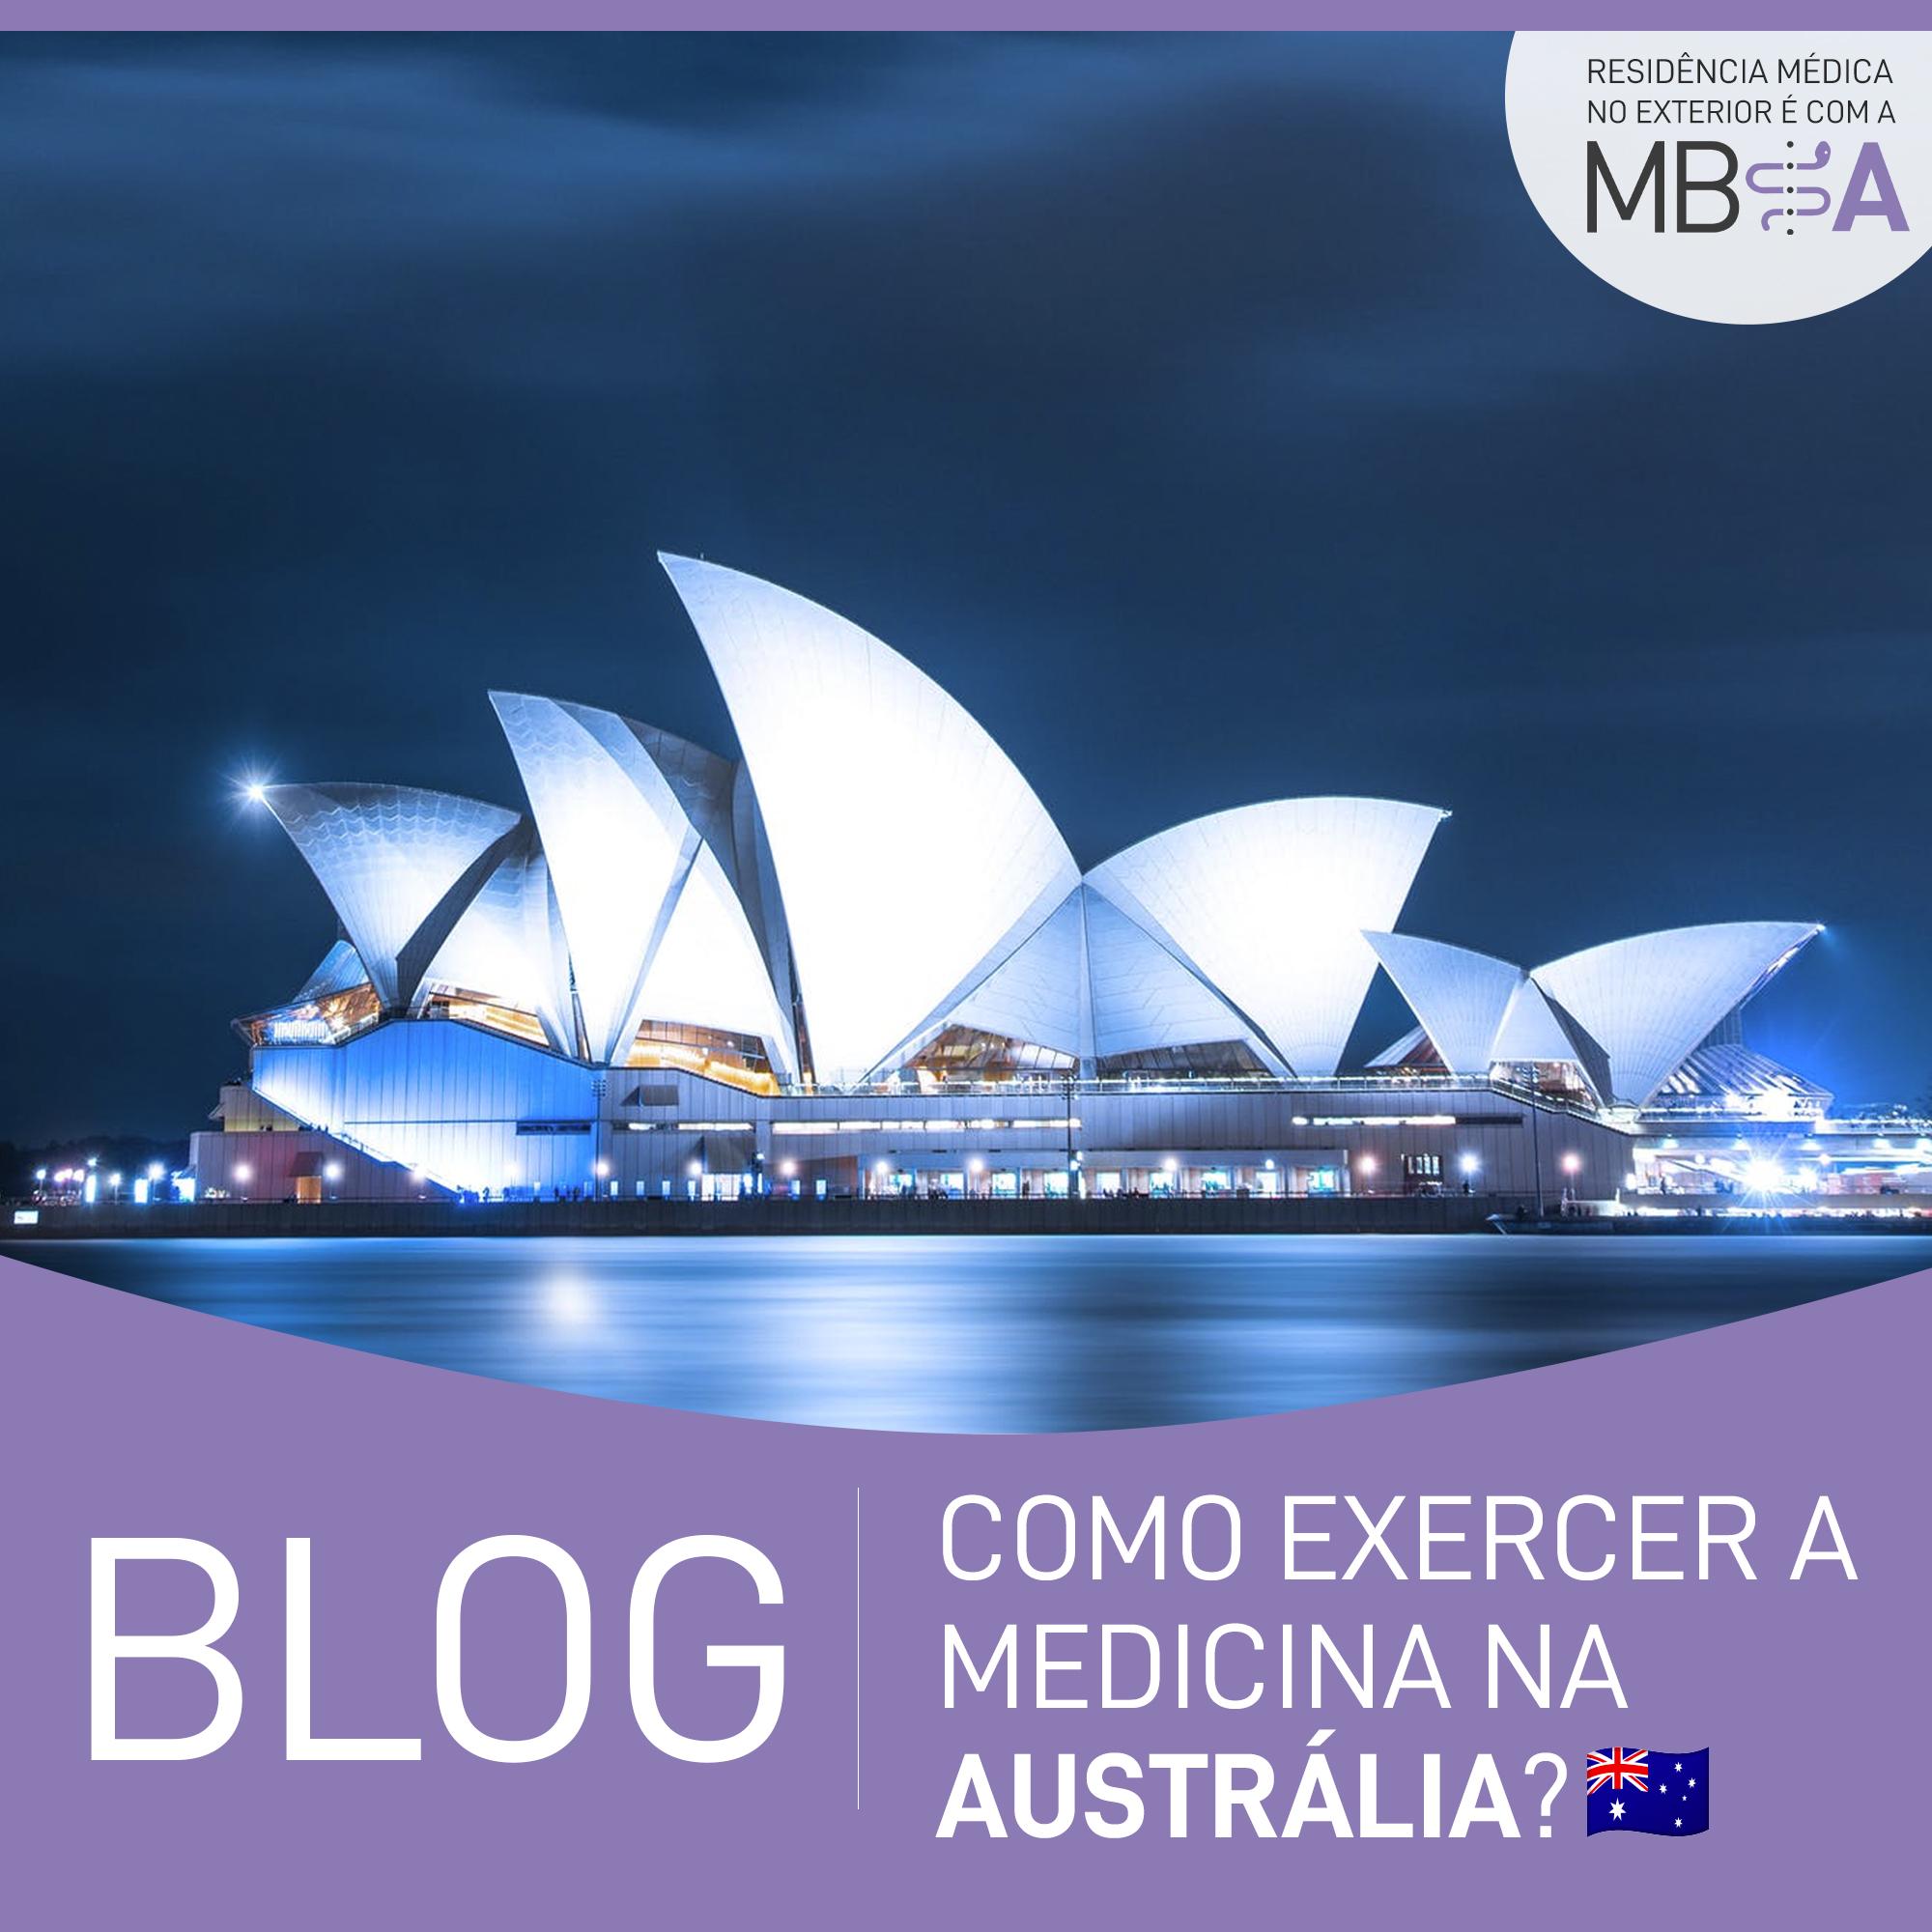 Como exercer a Medicina na Austrália?